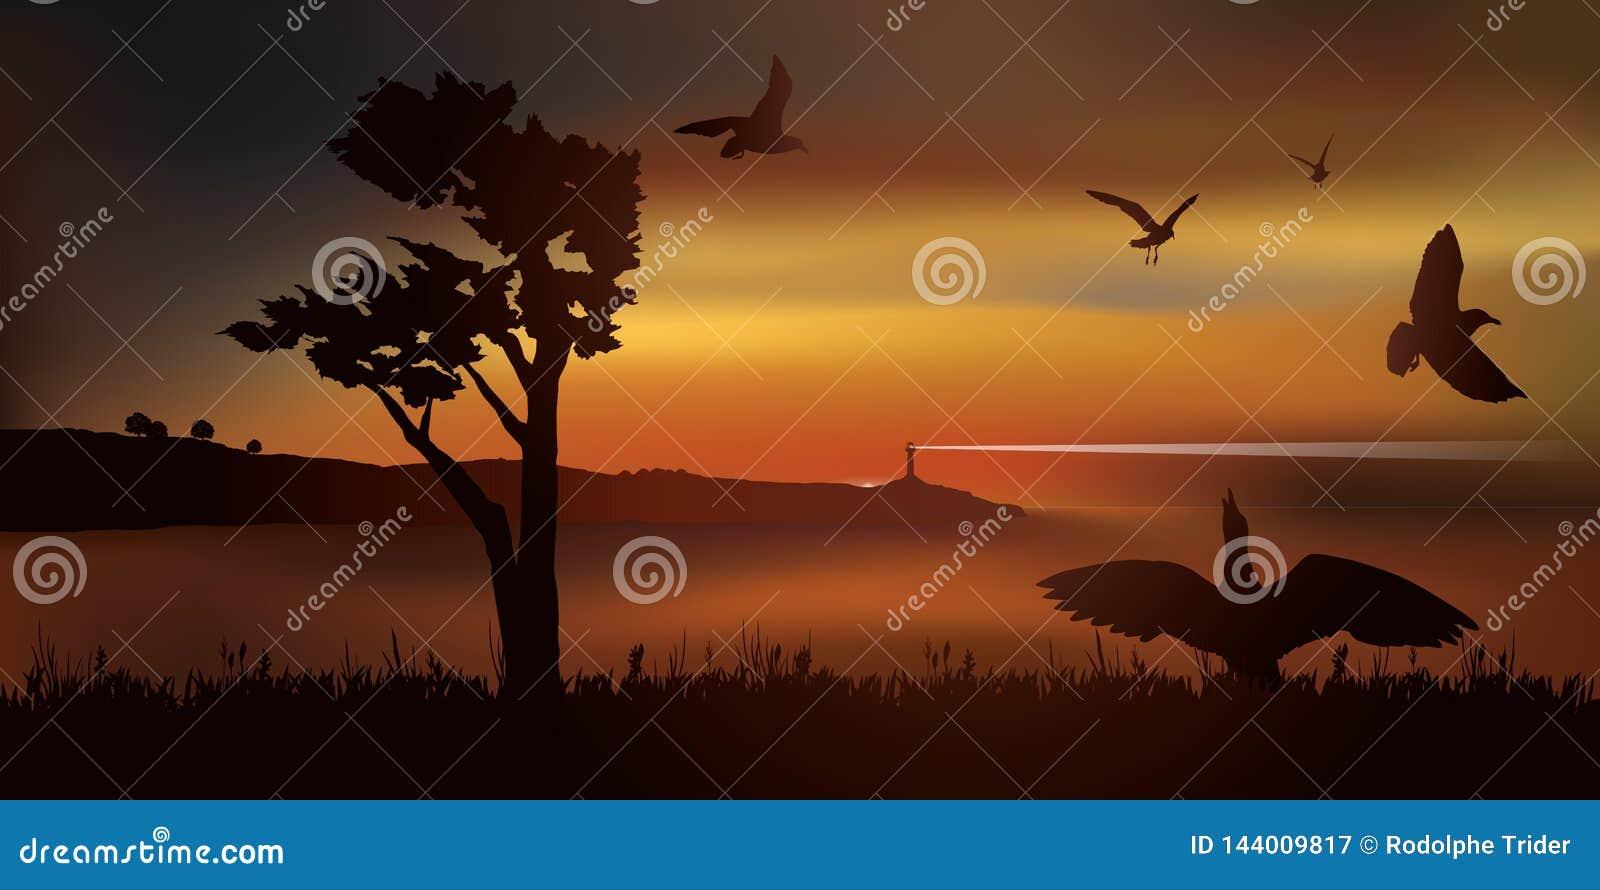 Point of View en una bahía una puesta del sol con un vuelo de gaviotas